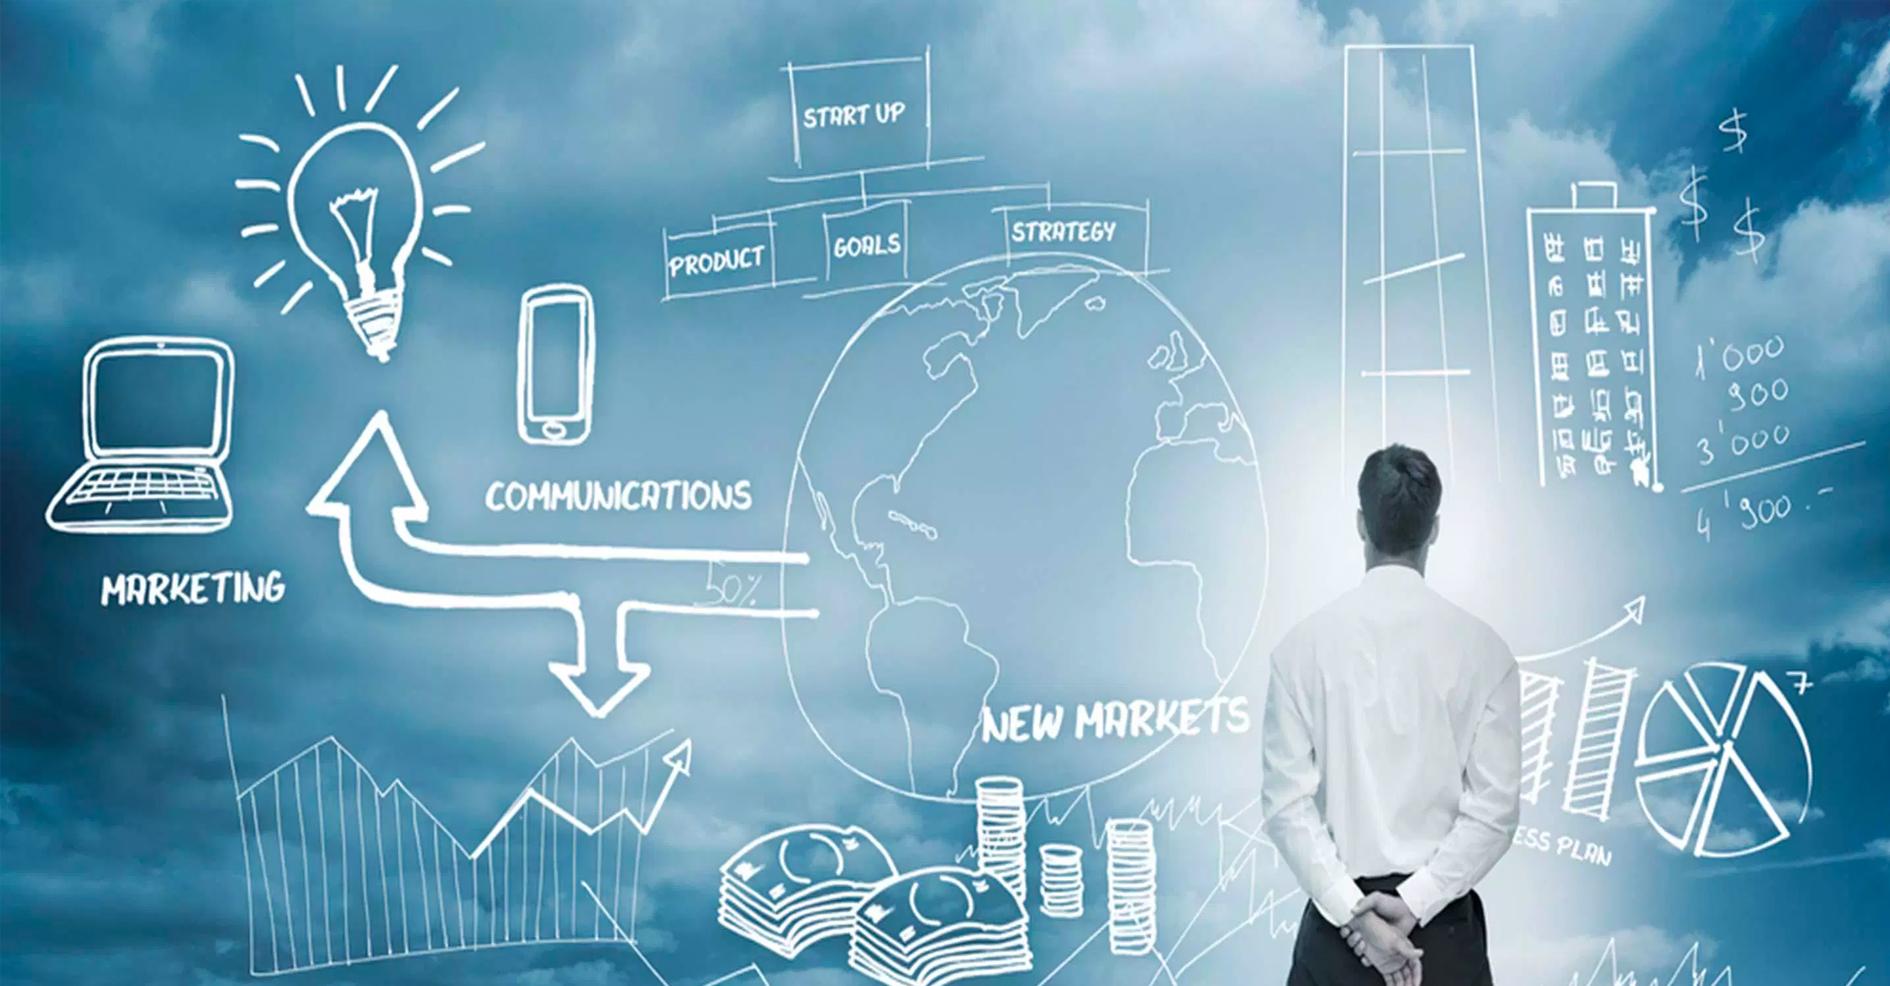 为什么微服务架构最适合可扩展数字解决方案